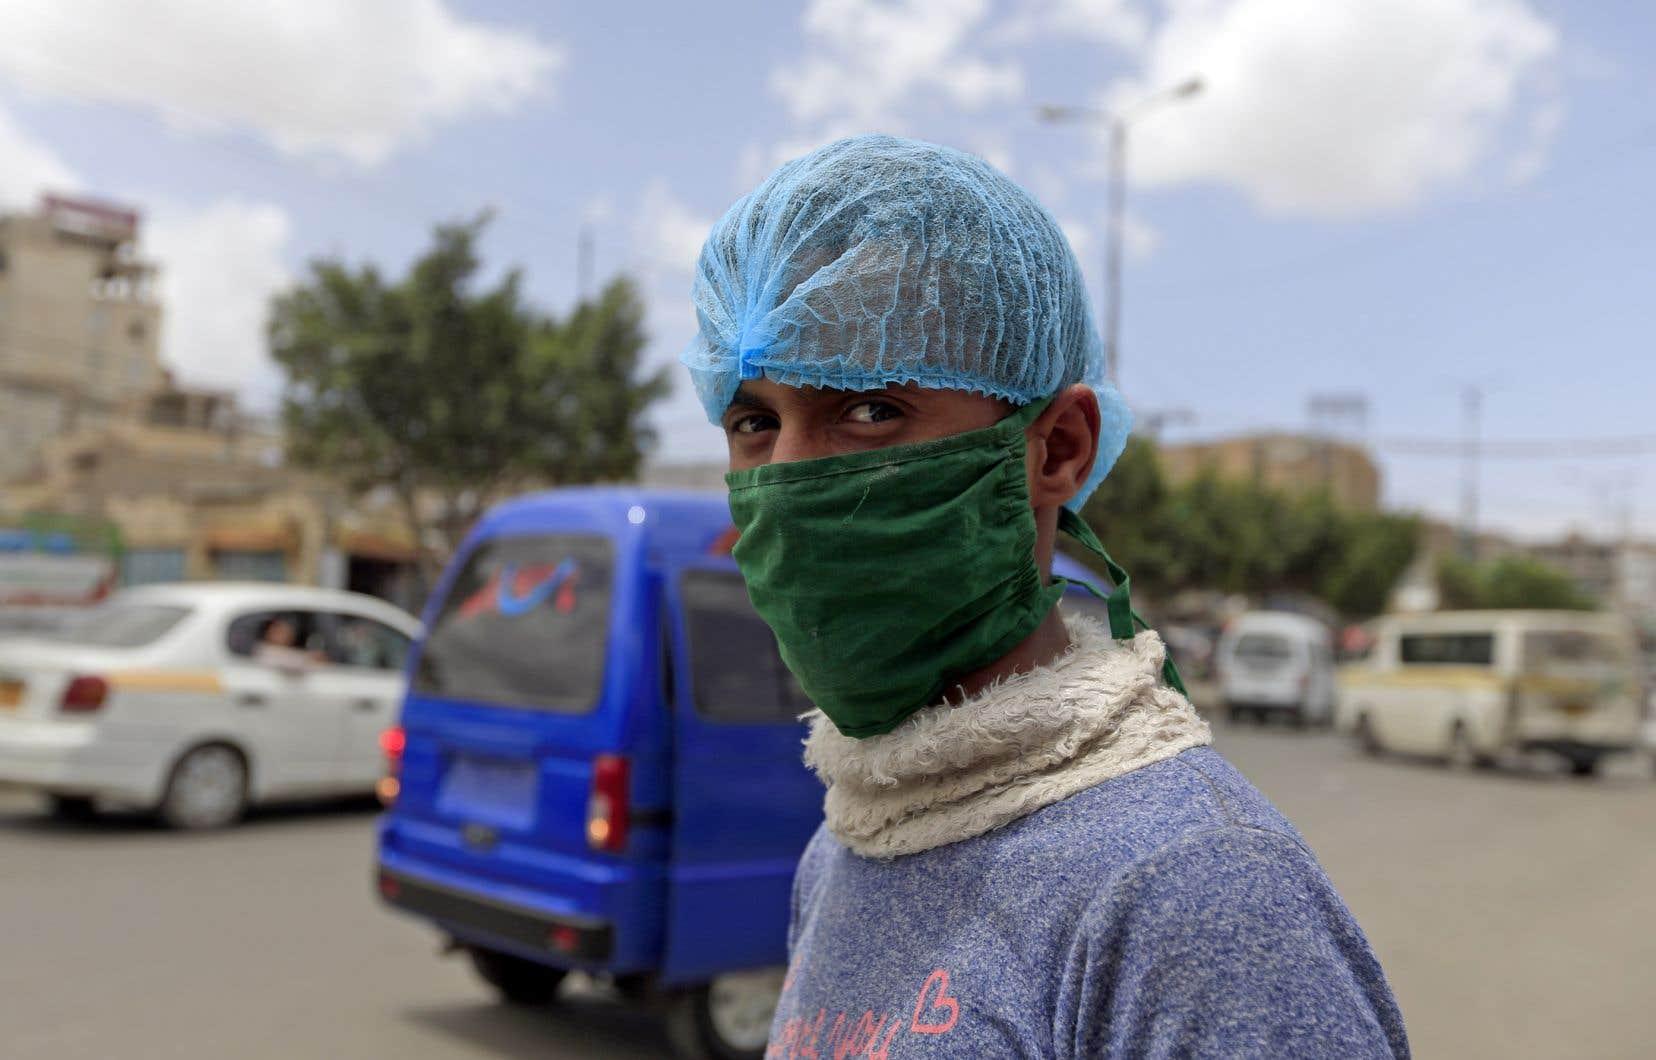 Le Yémen a annoncé vendredi un premier cas de contamination au nouveau coronavirus, faisant craindre des répercussions catastrophiques en cas de propagation de l'épidémie.